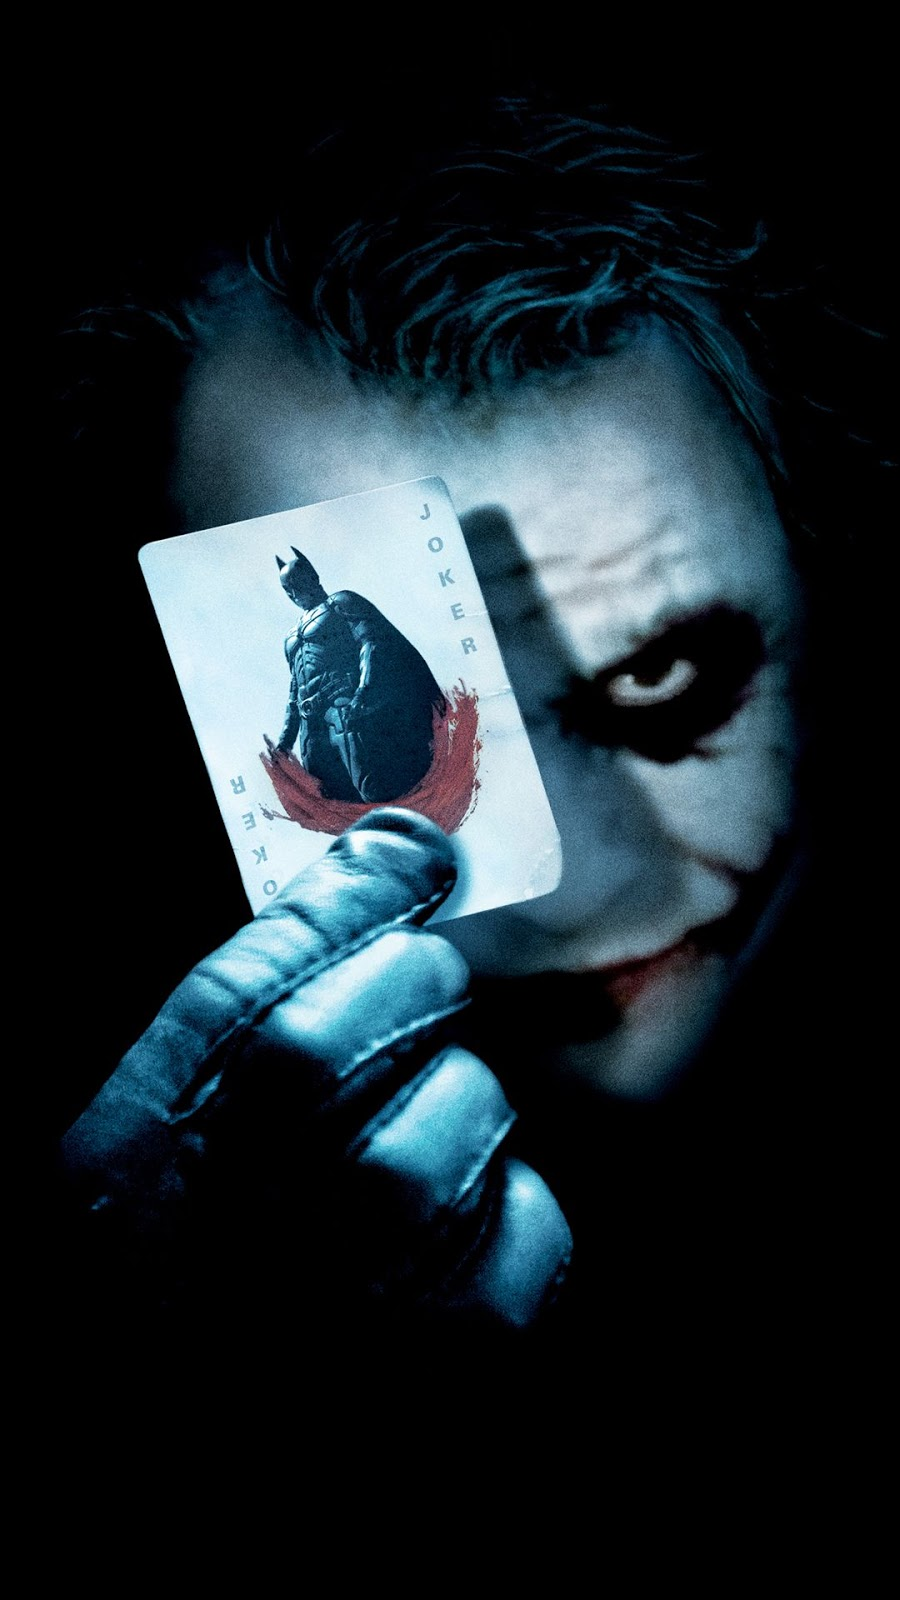 clown-wallpaper